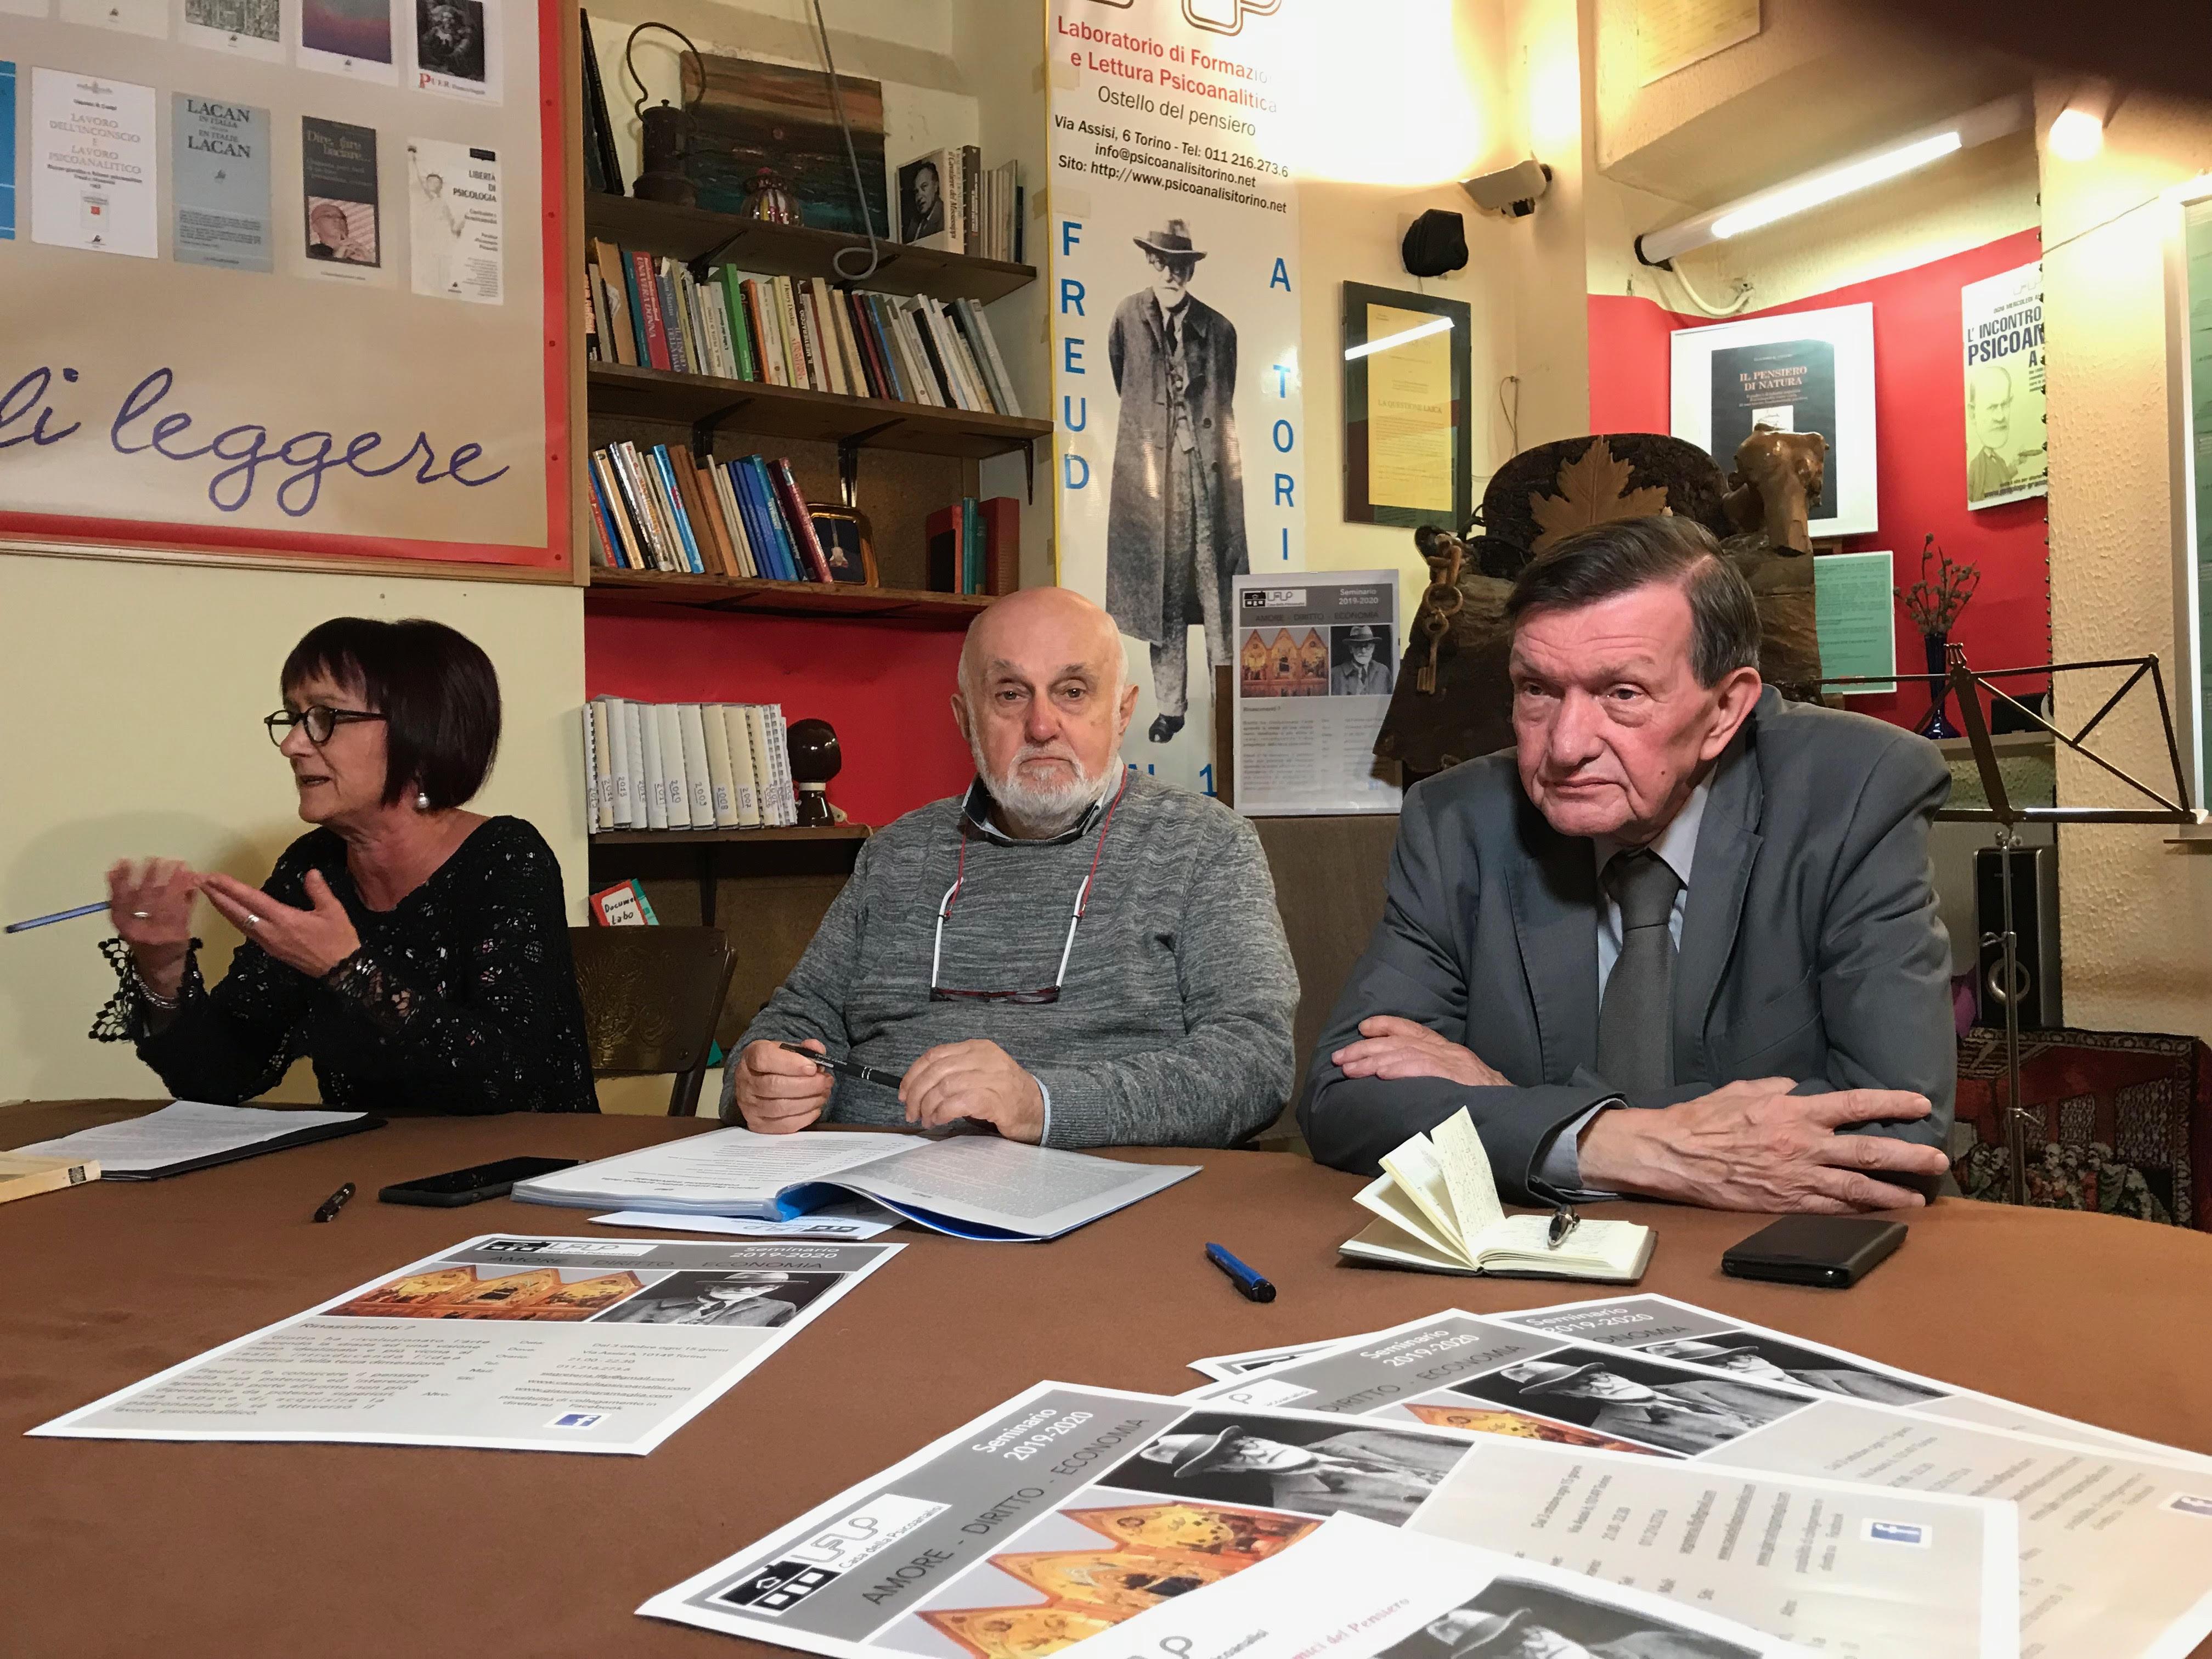 Seminario LFLP 2019/20: secondo appuntamento